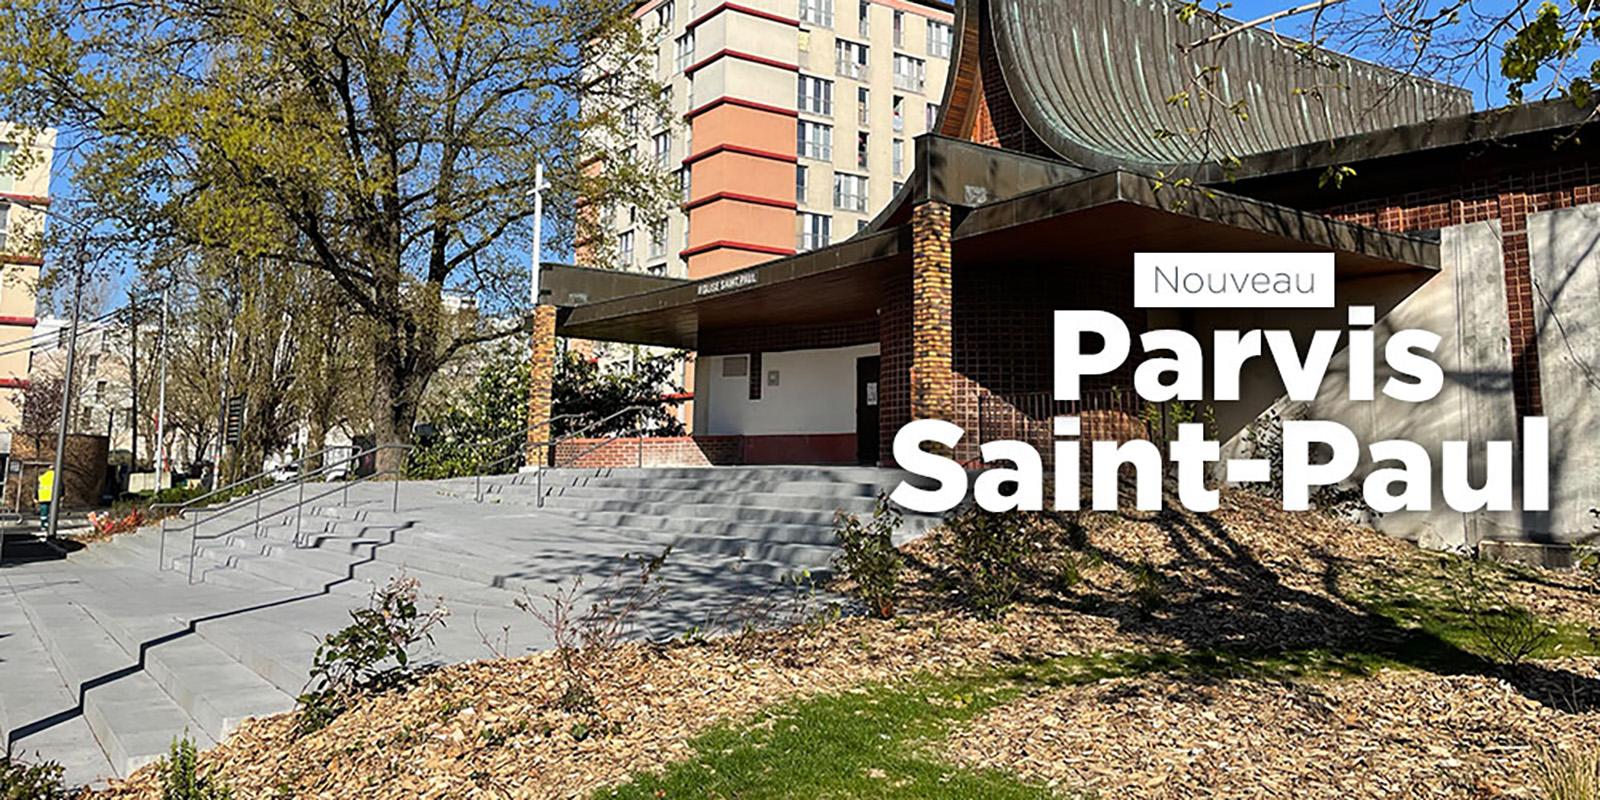 Parvis Saint-Paul Dénomination